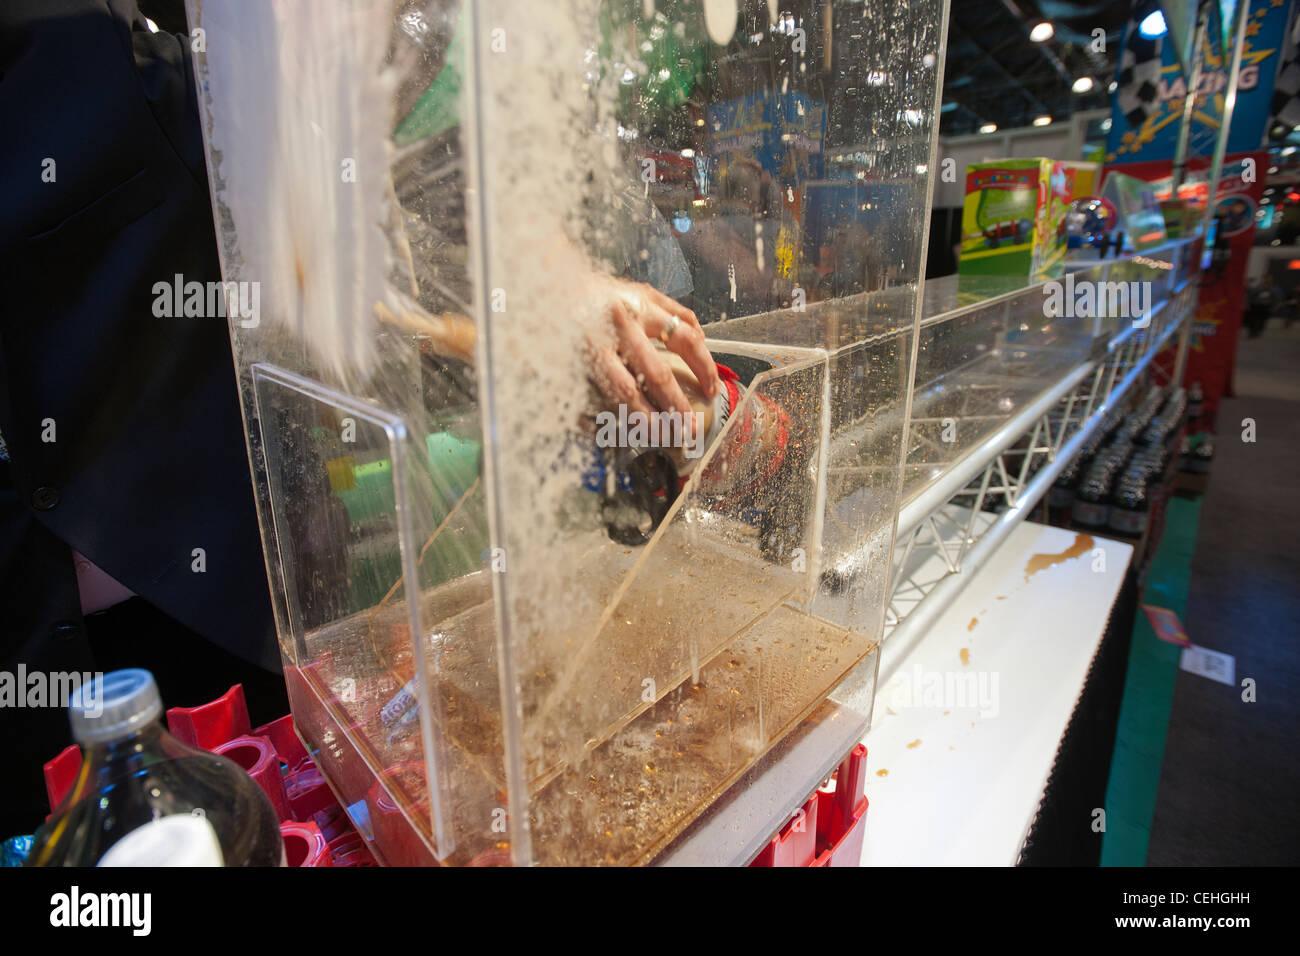 """Werden Sie, dass Amazing Toys zeigt ihre """"Soda Geysir Car"""" auf der 109. American International Toy Fair Stockbild"""